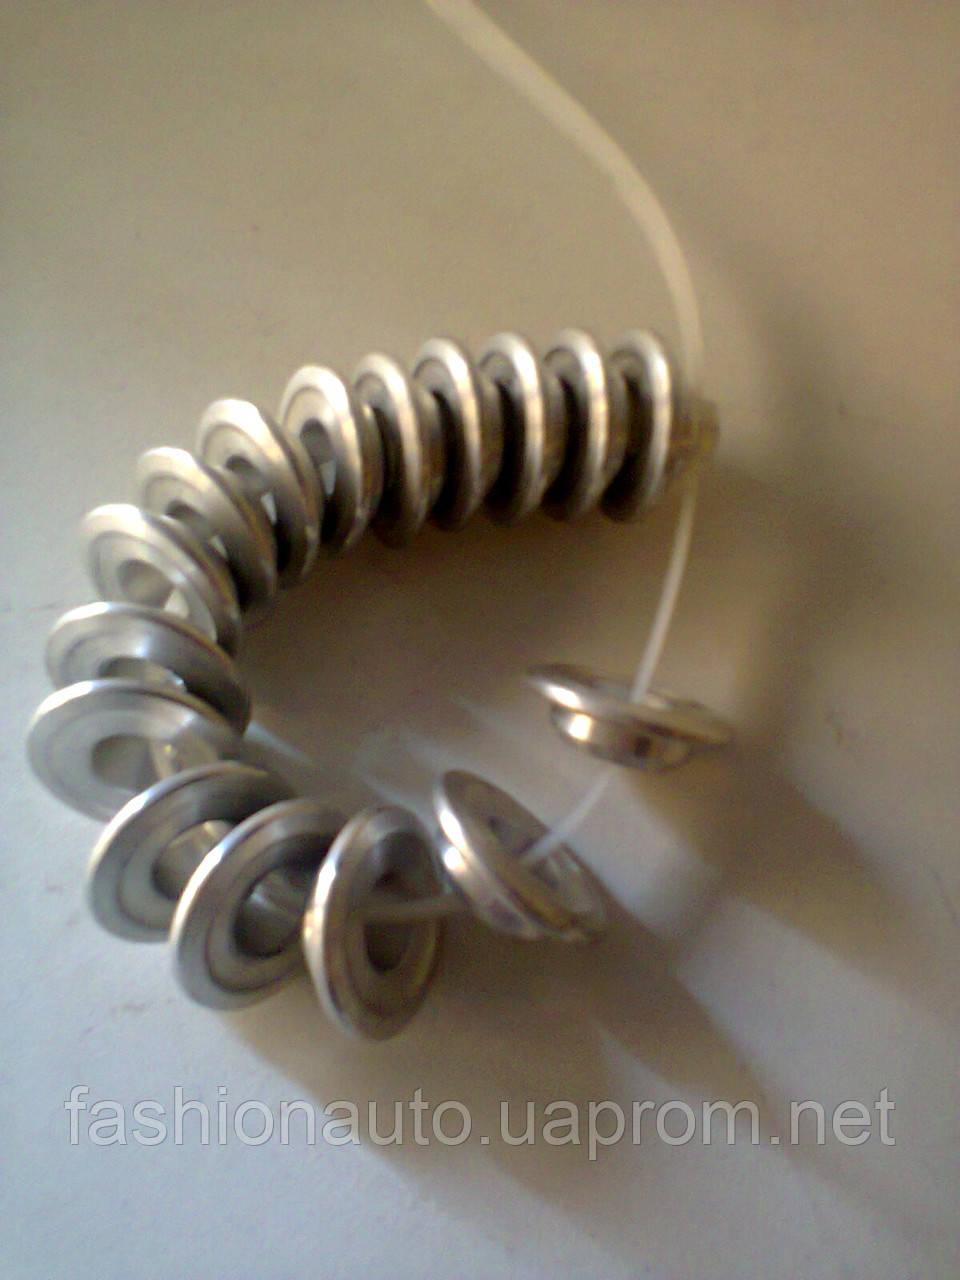 Тарілки клапанів ВАЗ 16V (матеріал Д16Т)